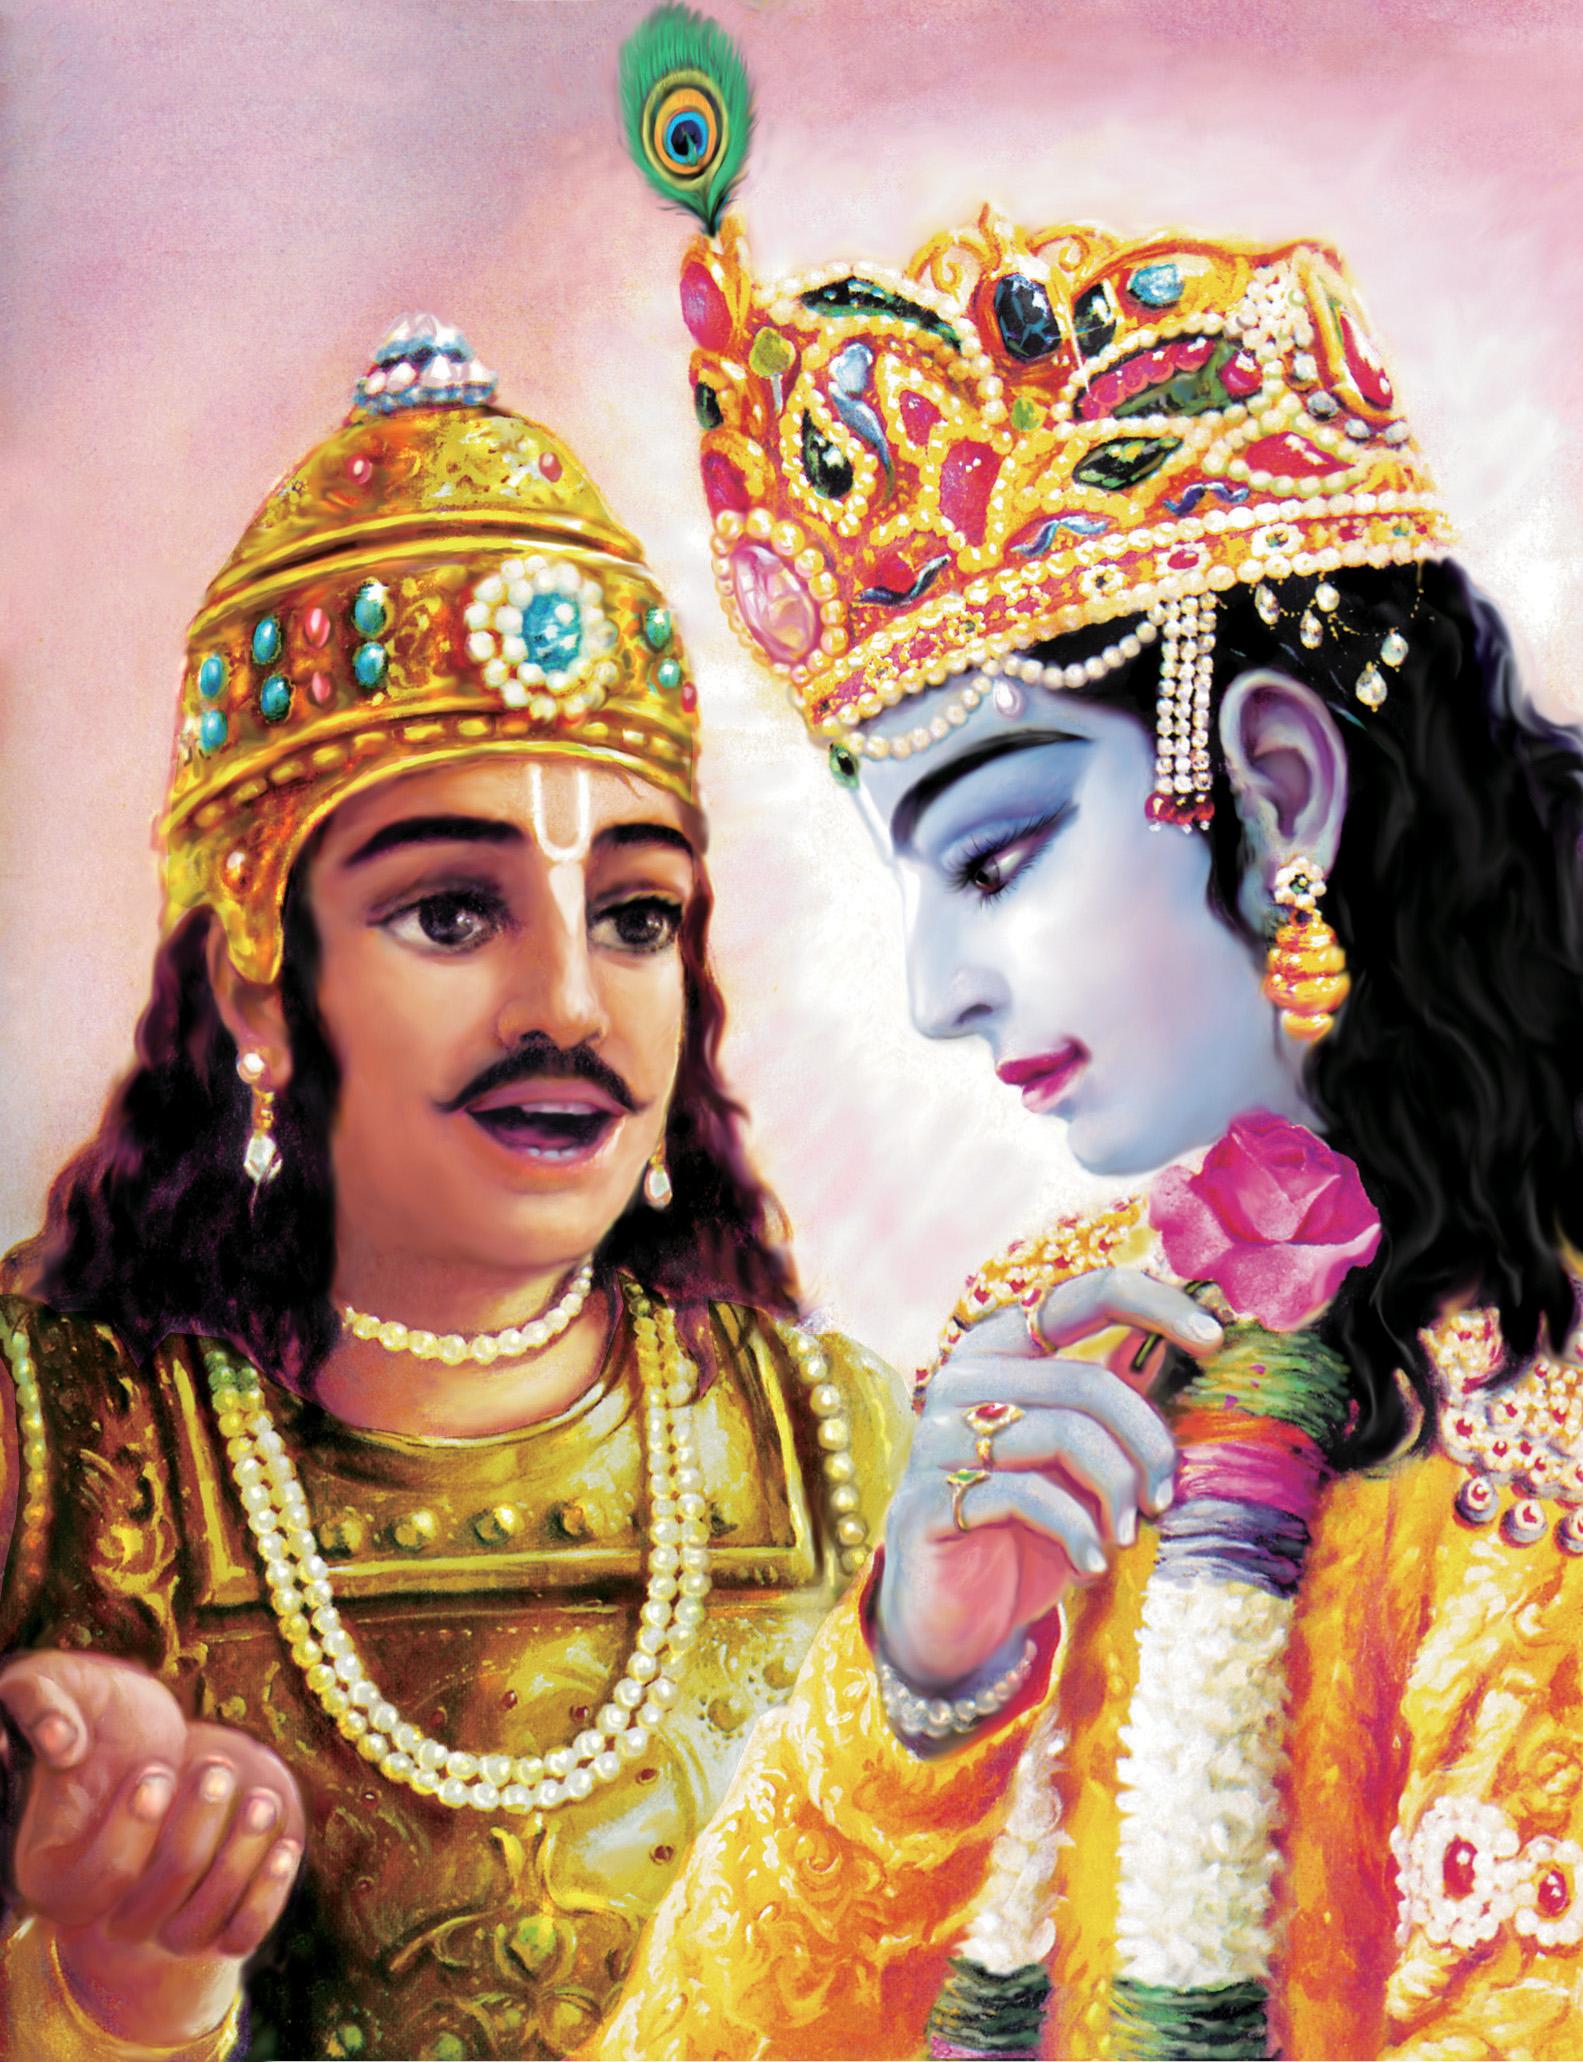 Bhagavad Gita Art Gallery--Plate 29: Arjuna addressed